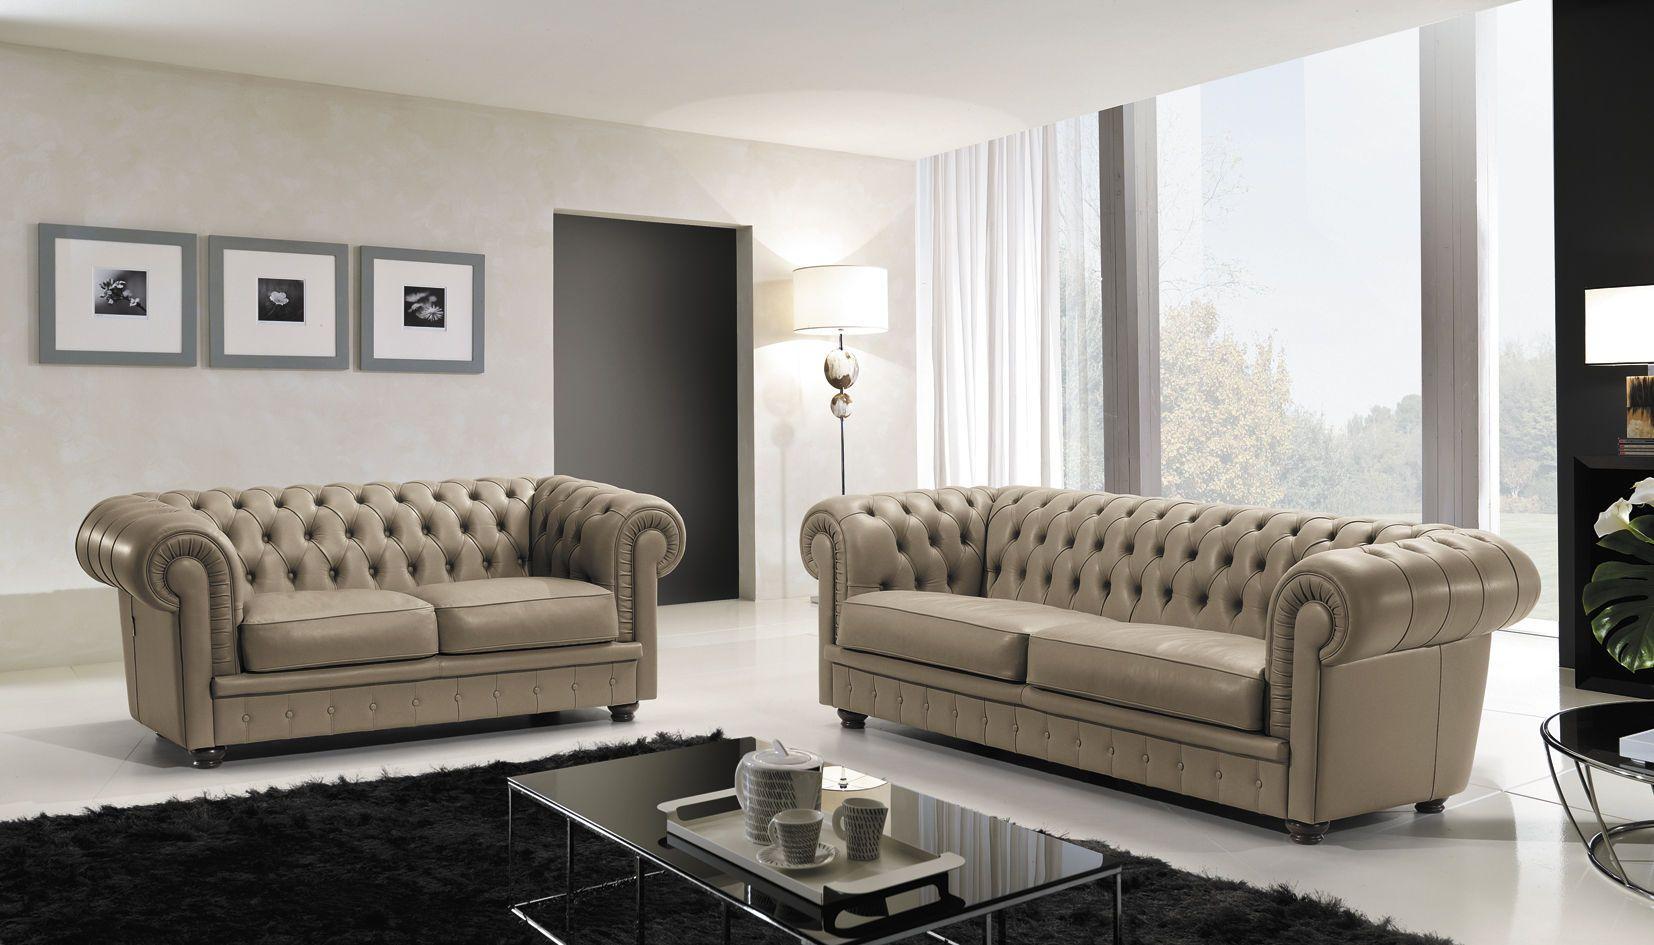 Chesterfield sofa - HERMES MAXDIVANI - Max Divani Maxdivani ...